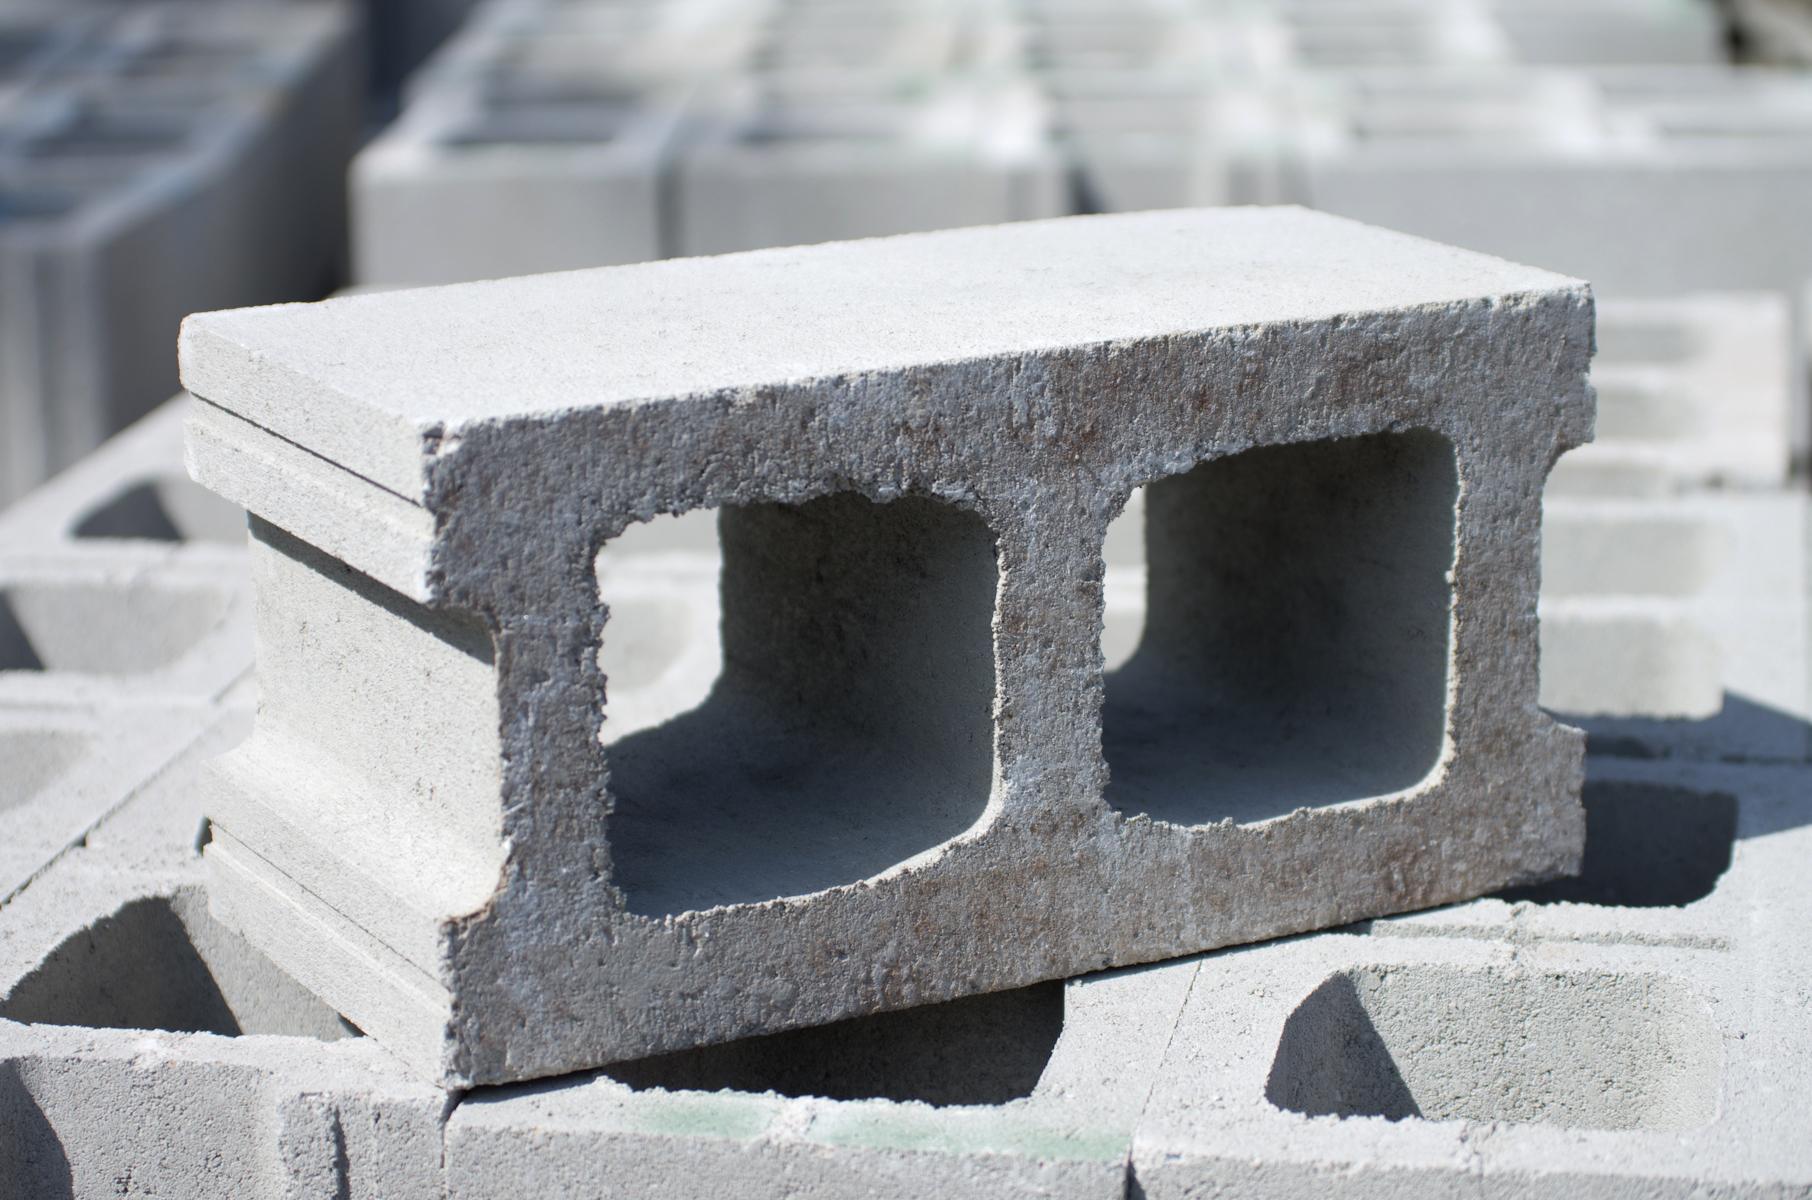 https://www.constructioncanada.net/wp-content/uploads/2014/09/Opening-Figure.jpg